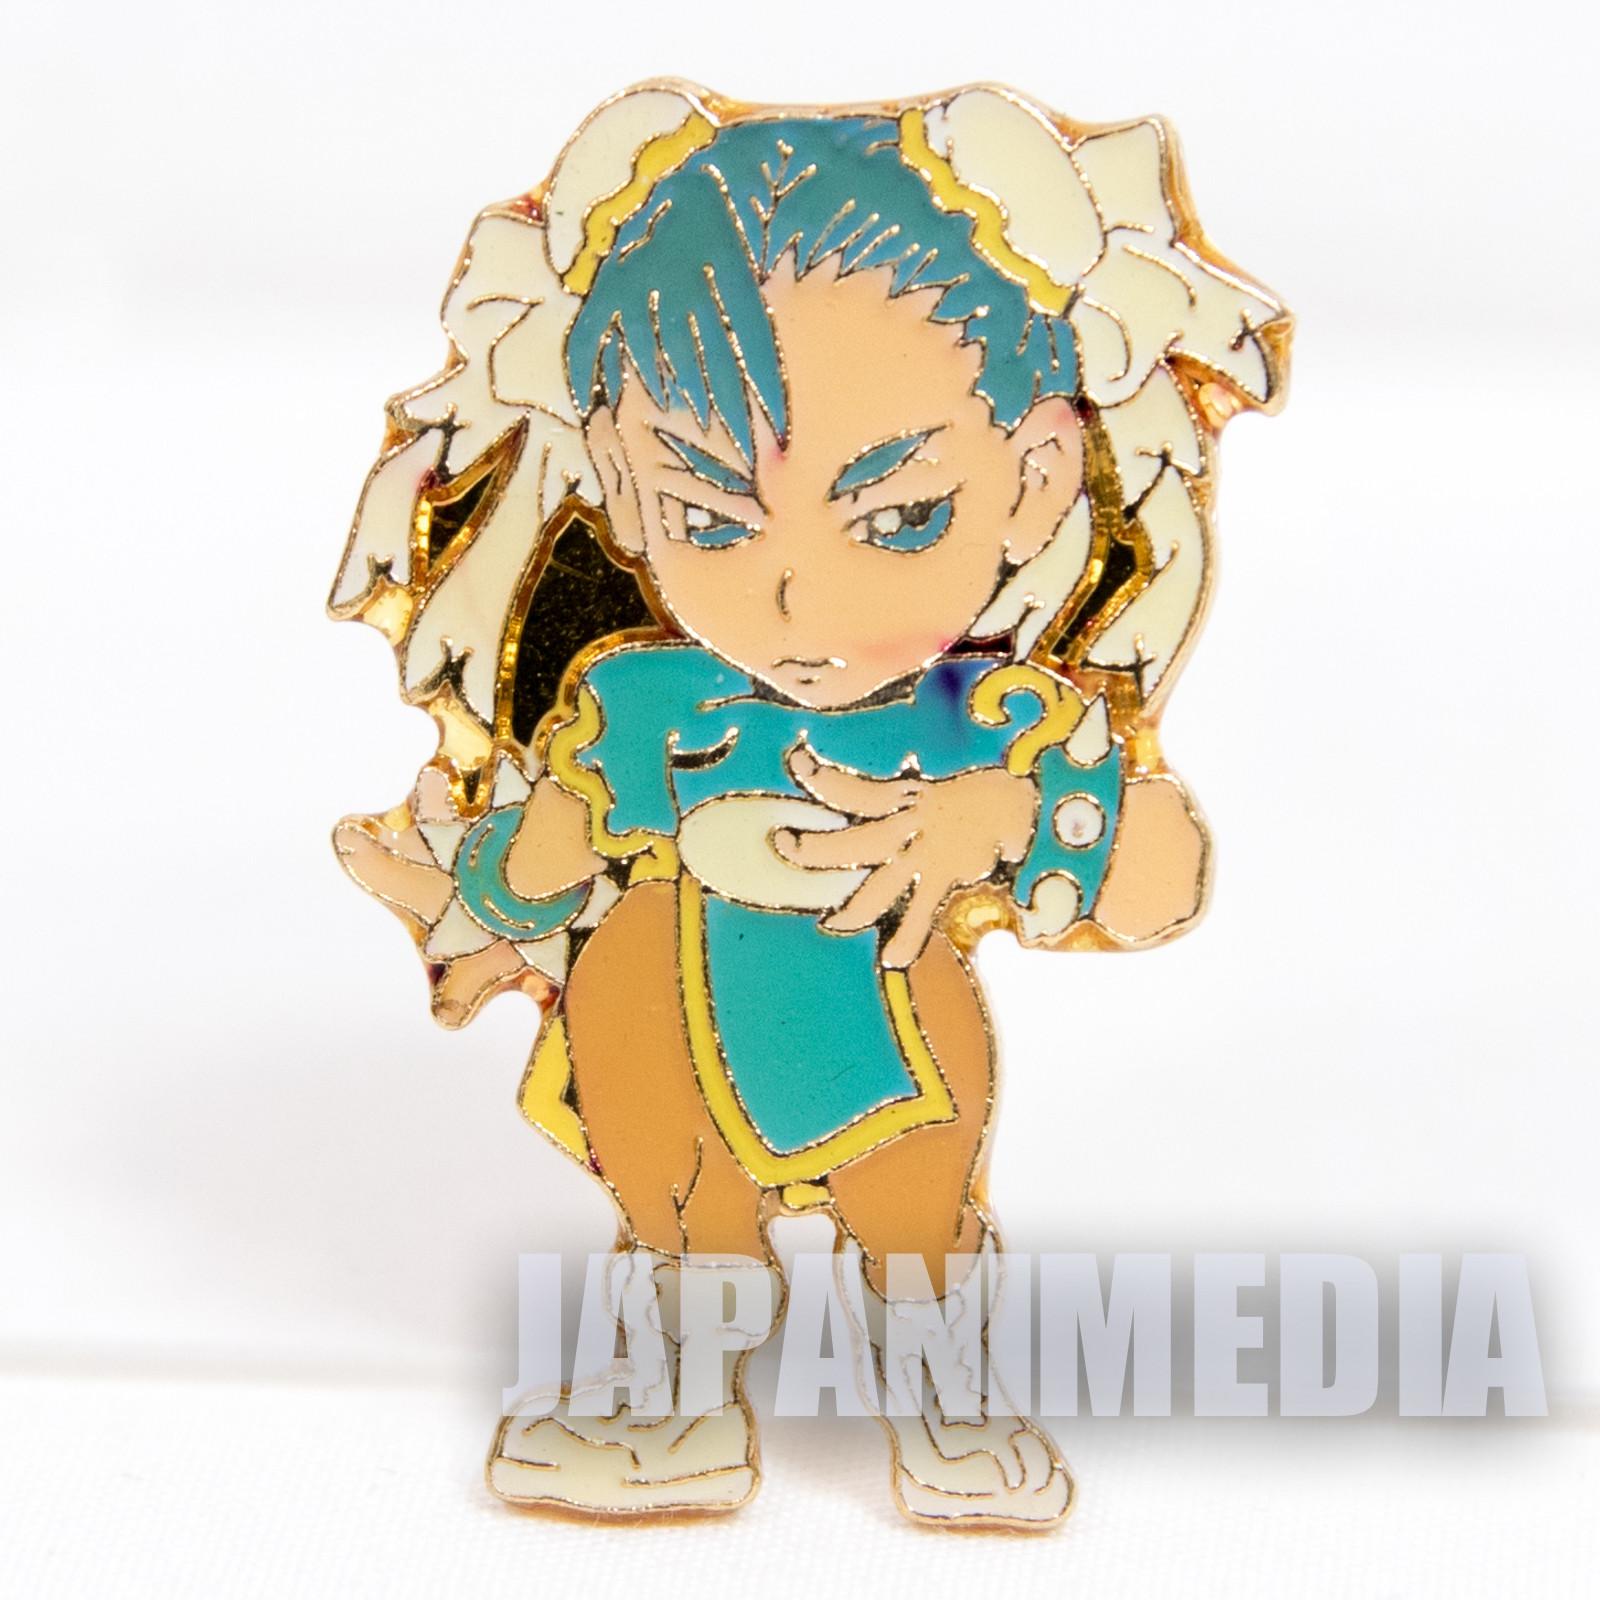 Street Fighter 2 Metal Pins Badge Chun Li Capcom Character JAPAN GAME 6